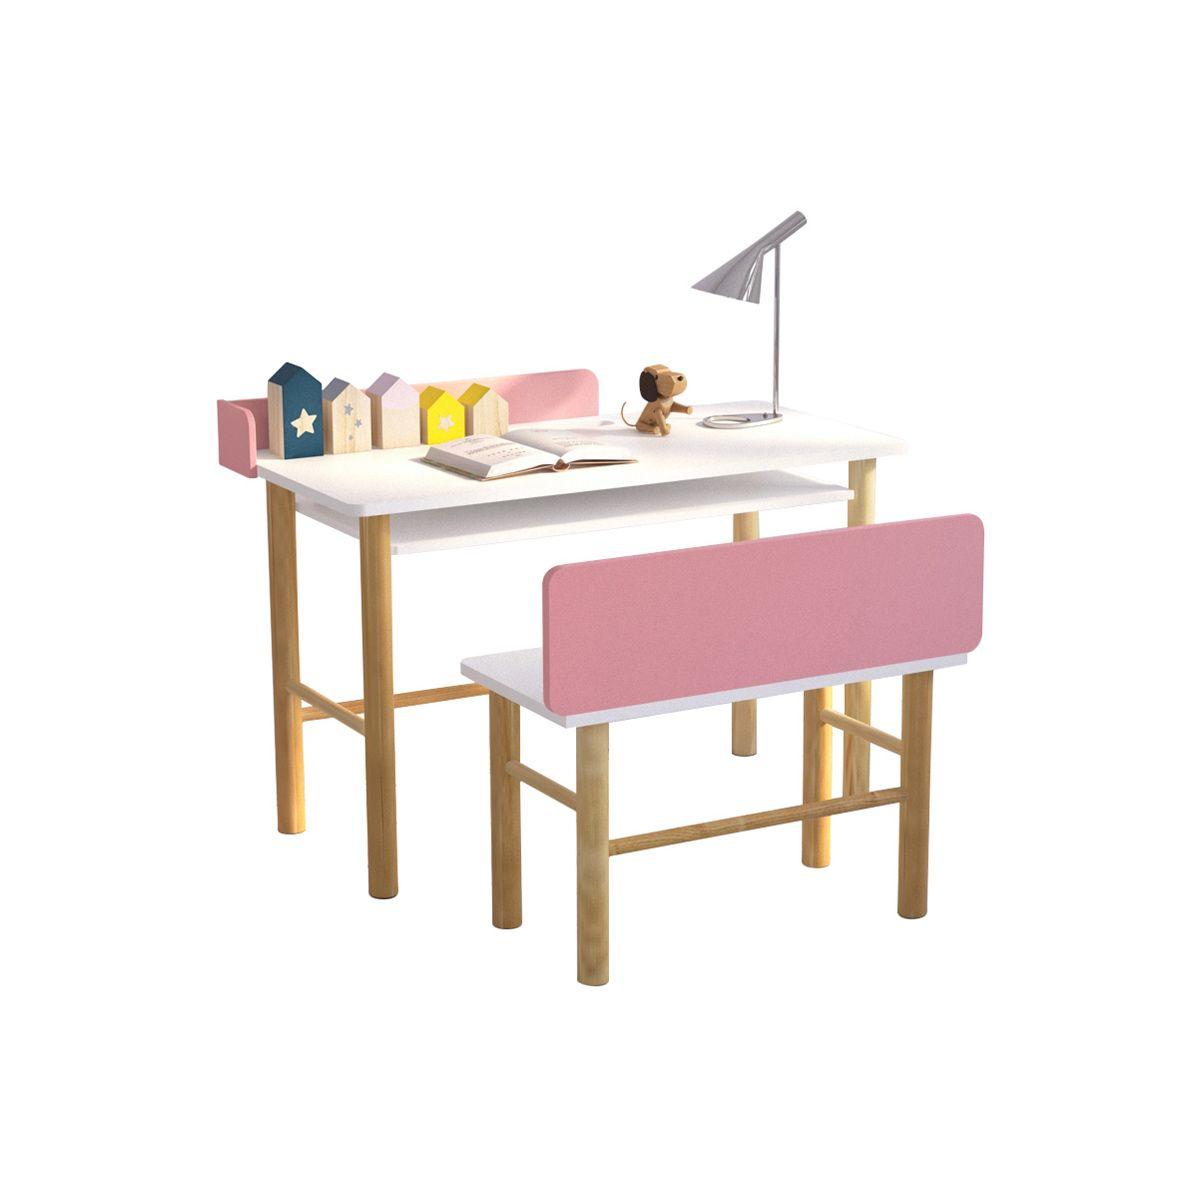 Scrivania bambino con banco rosa e legno chiaro BERTY Offerte e sconti